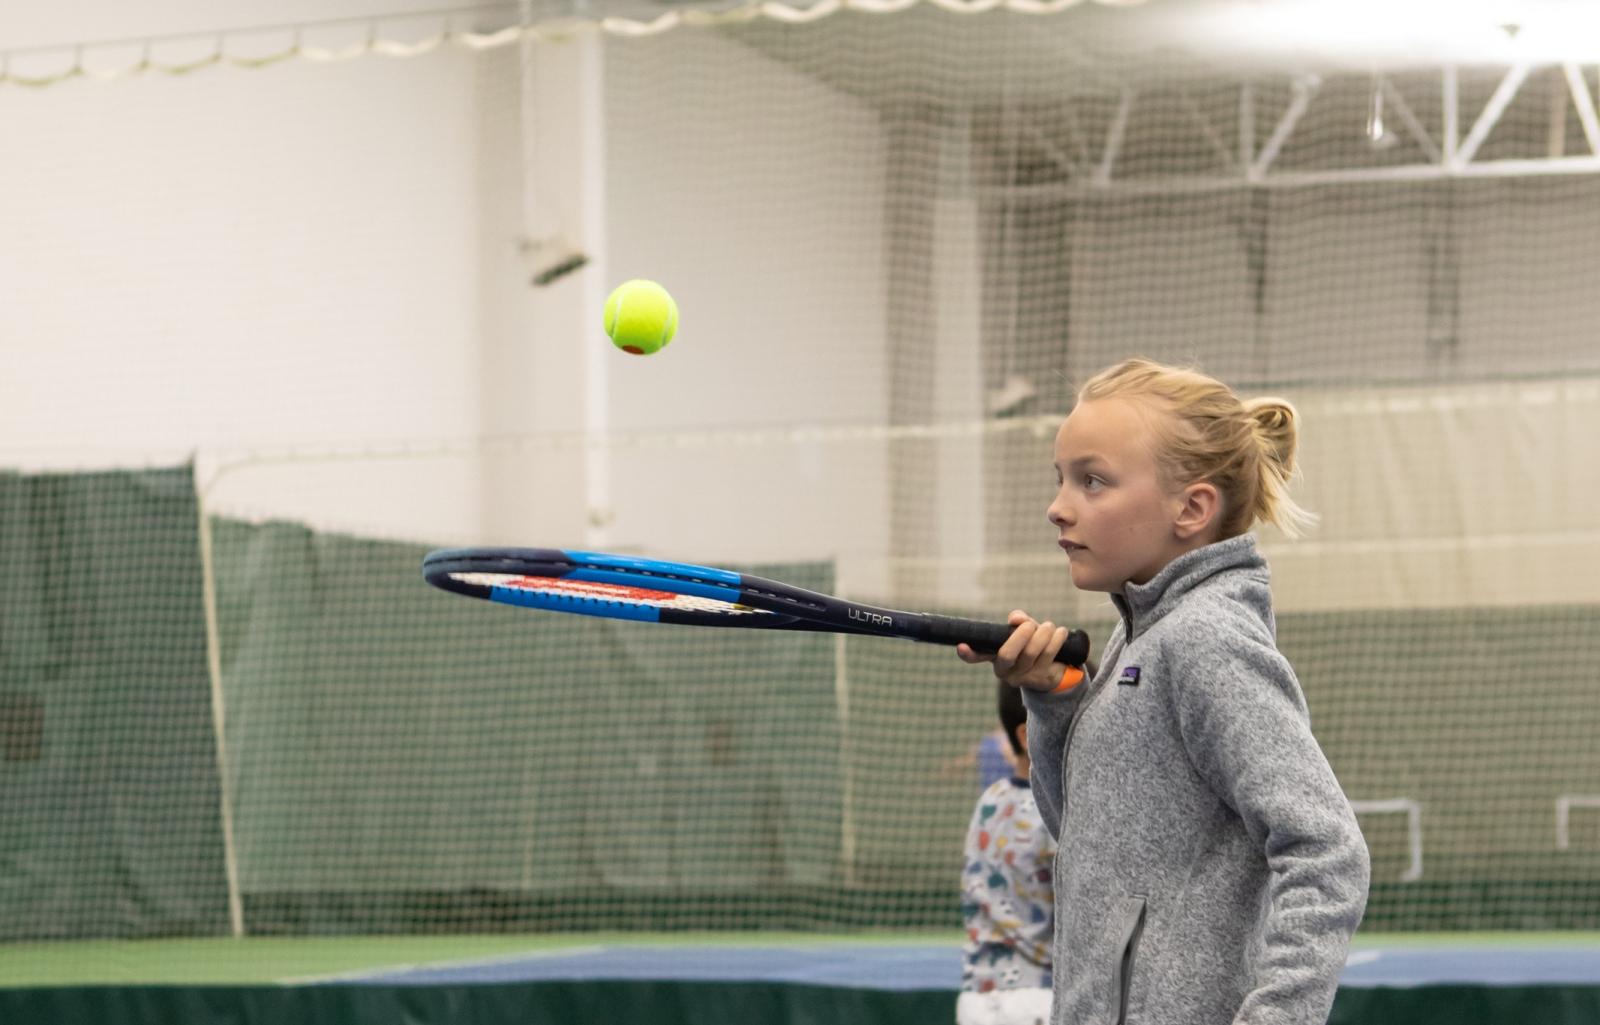 https://cdn2.hubspot.net/hubfs/2470171/blog/Tennis%20Home%20Drill.jpg Feature Image